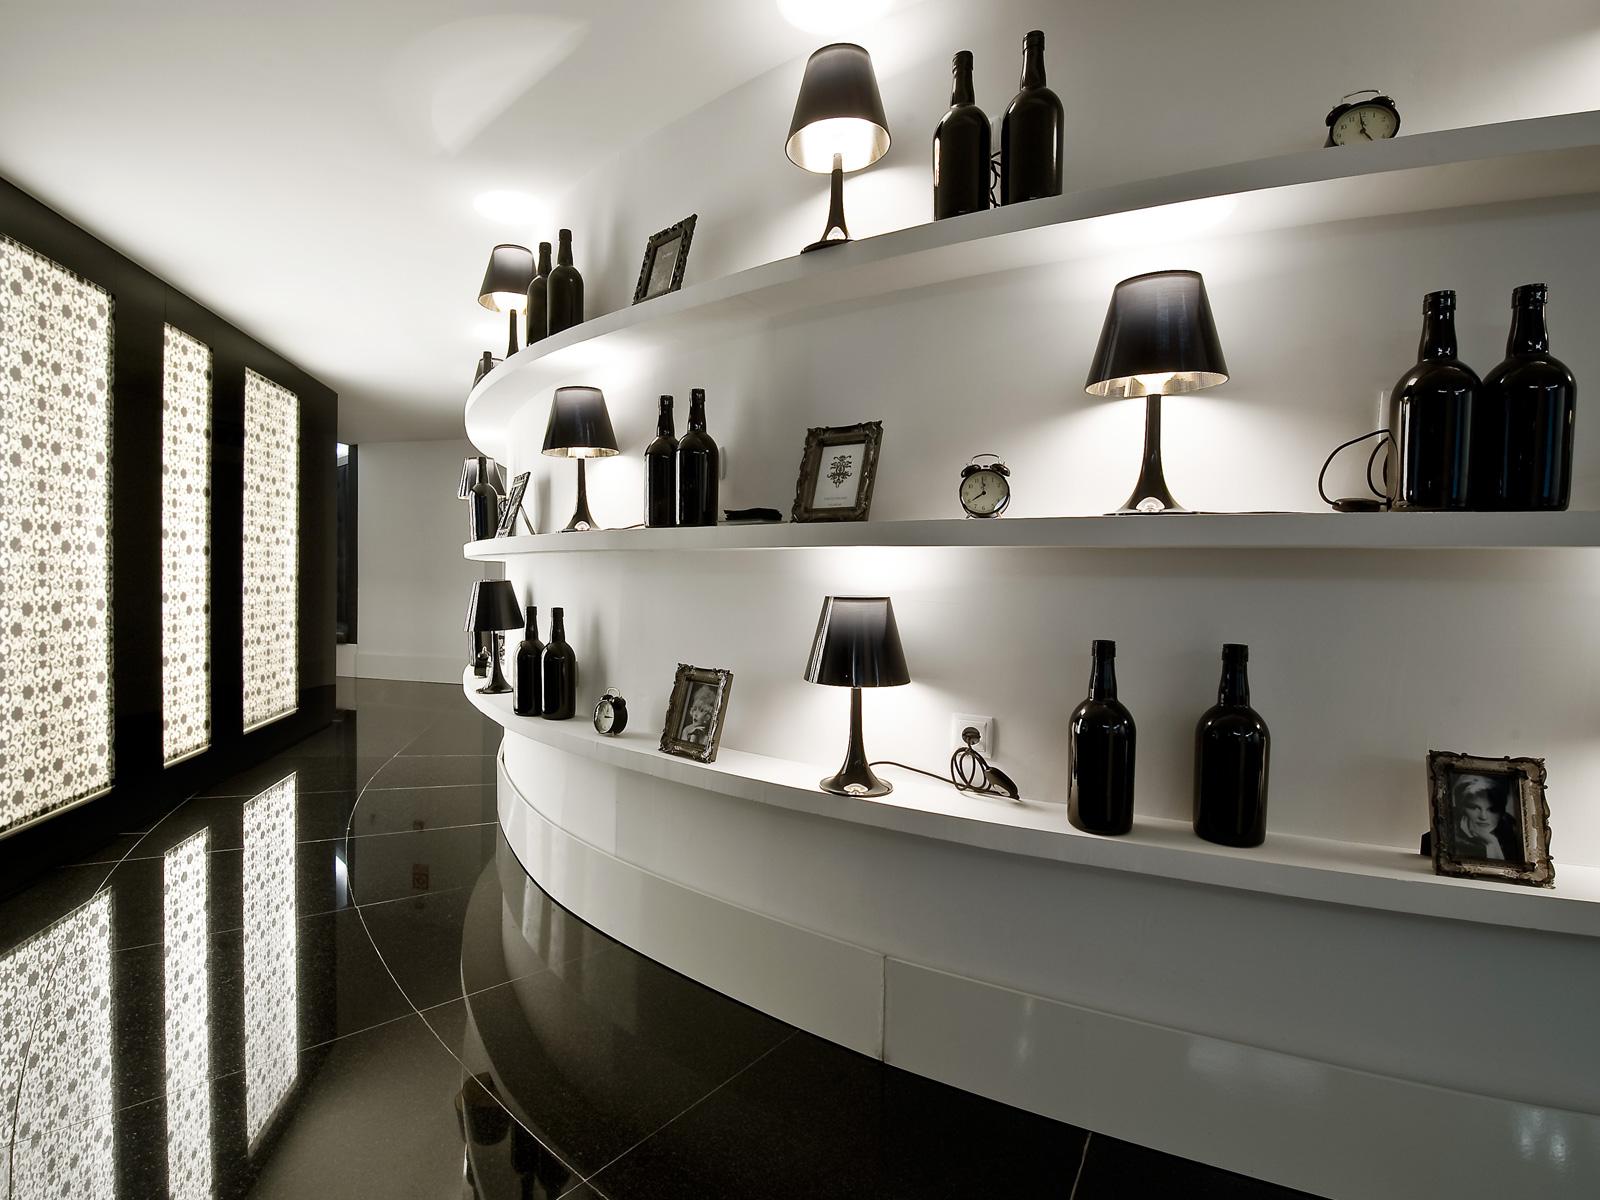 Ofertas Hotel Vincci Madrid Vía 66 - Anticípate y ahorra! 10%